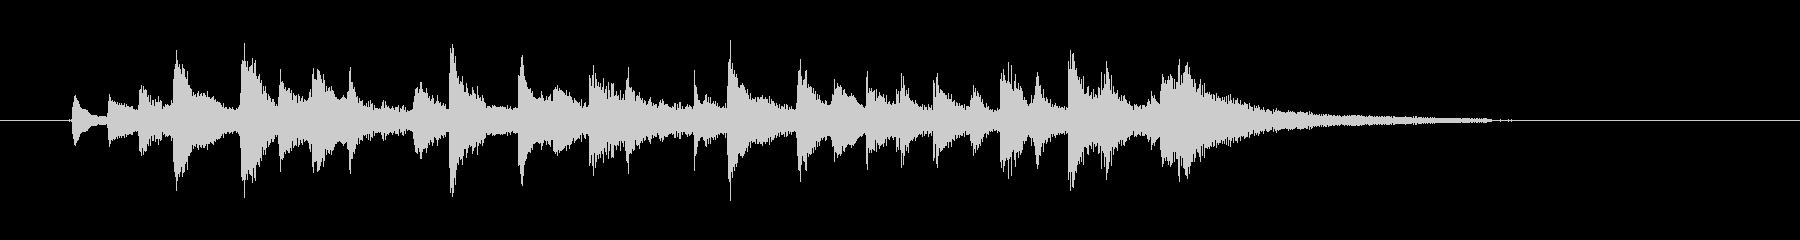 チャララチャンチャン(陽気なウクレレ)の未再生の波形